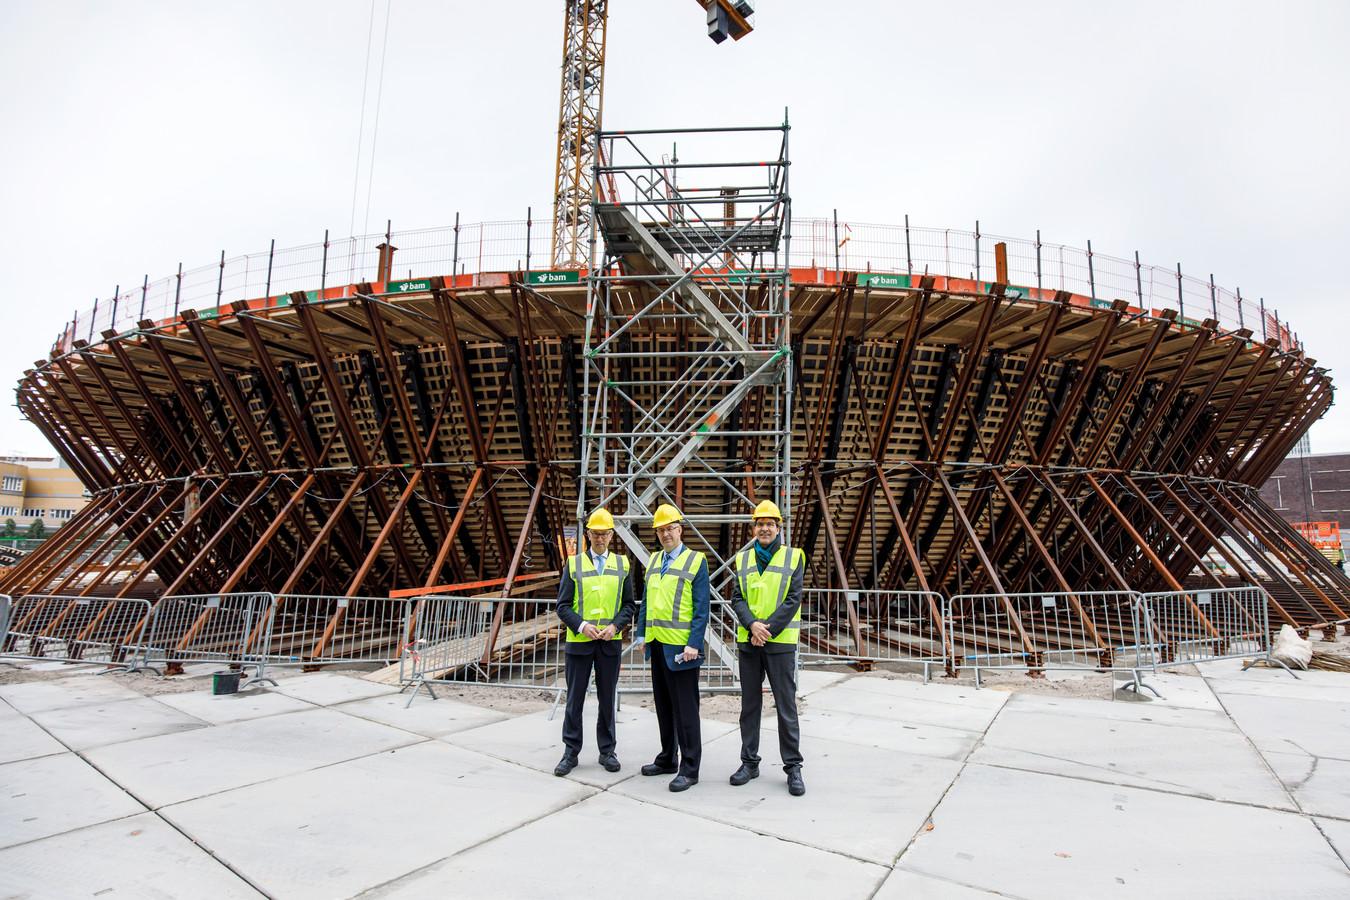 Het depot waar de kunstcollectie gaat komen. Museumdirecteur Sjarel Ex en KPN-bestuurder Eelco Blok bekrachtigden vandaag hun samenwerking in het bijzijn van de Rotterdamse burgemeester Ahmed Aboutaleb.